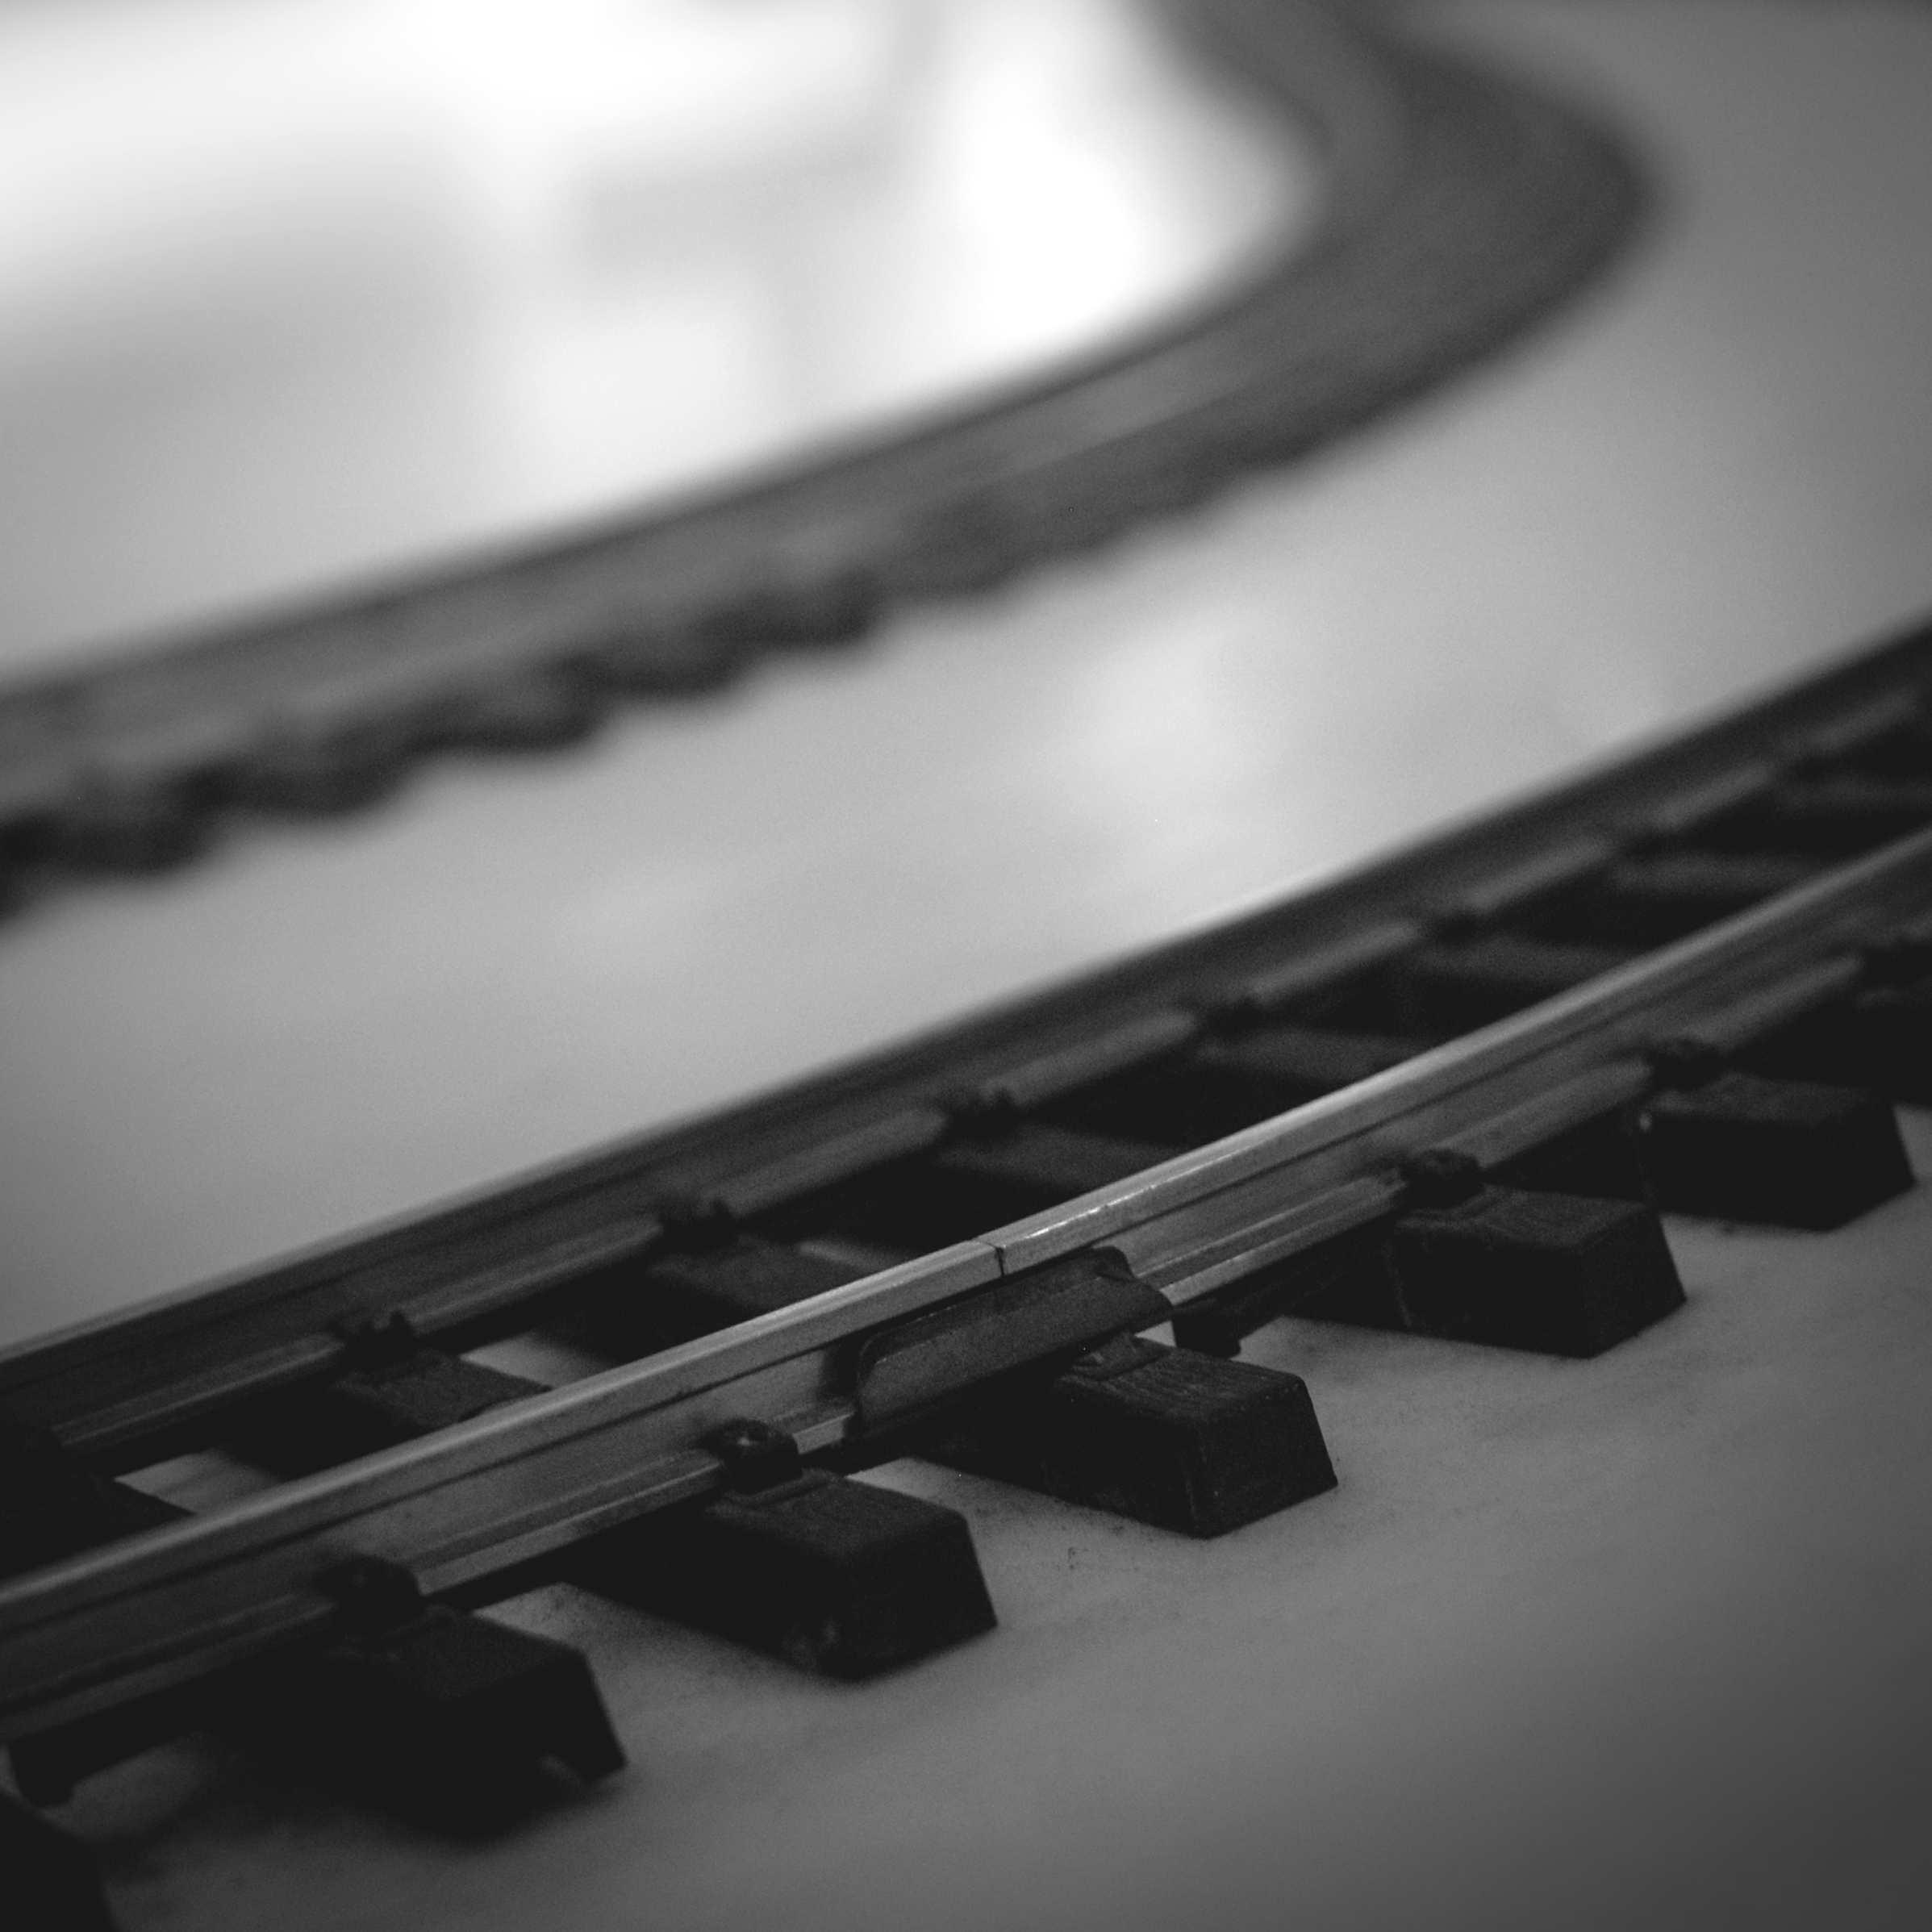 Toy Train Tracks - Monochrome